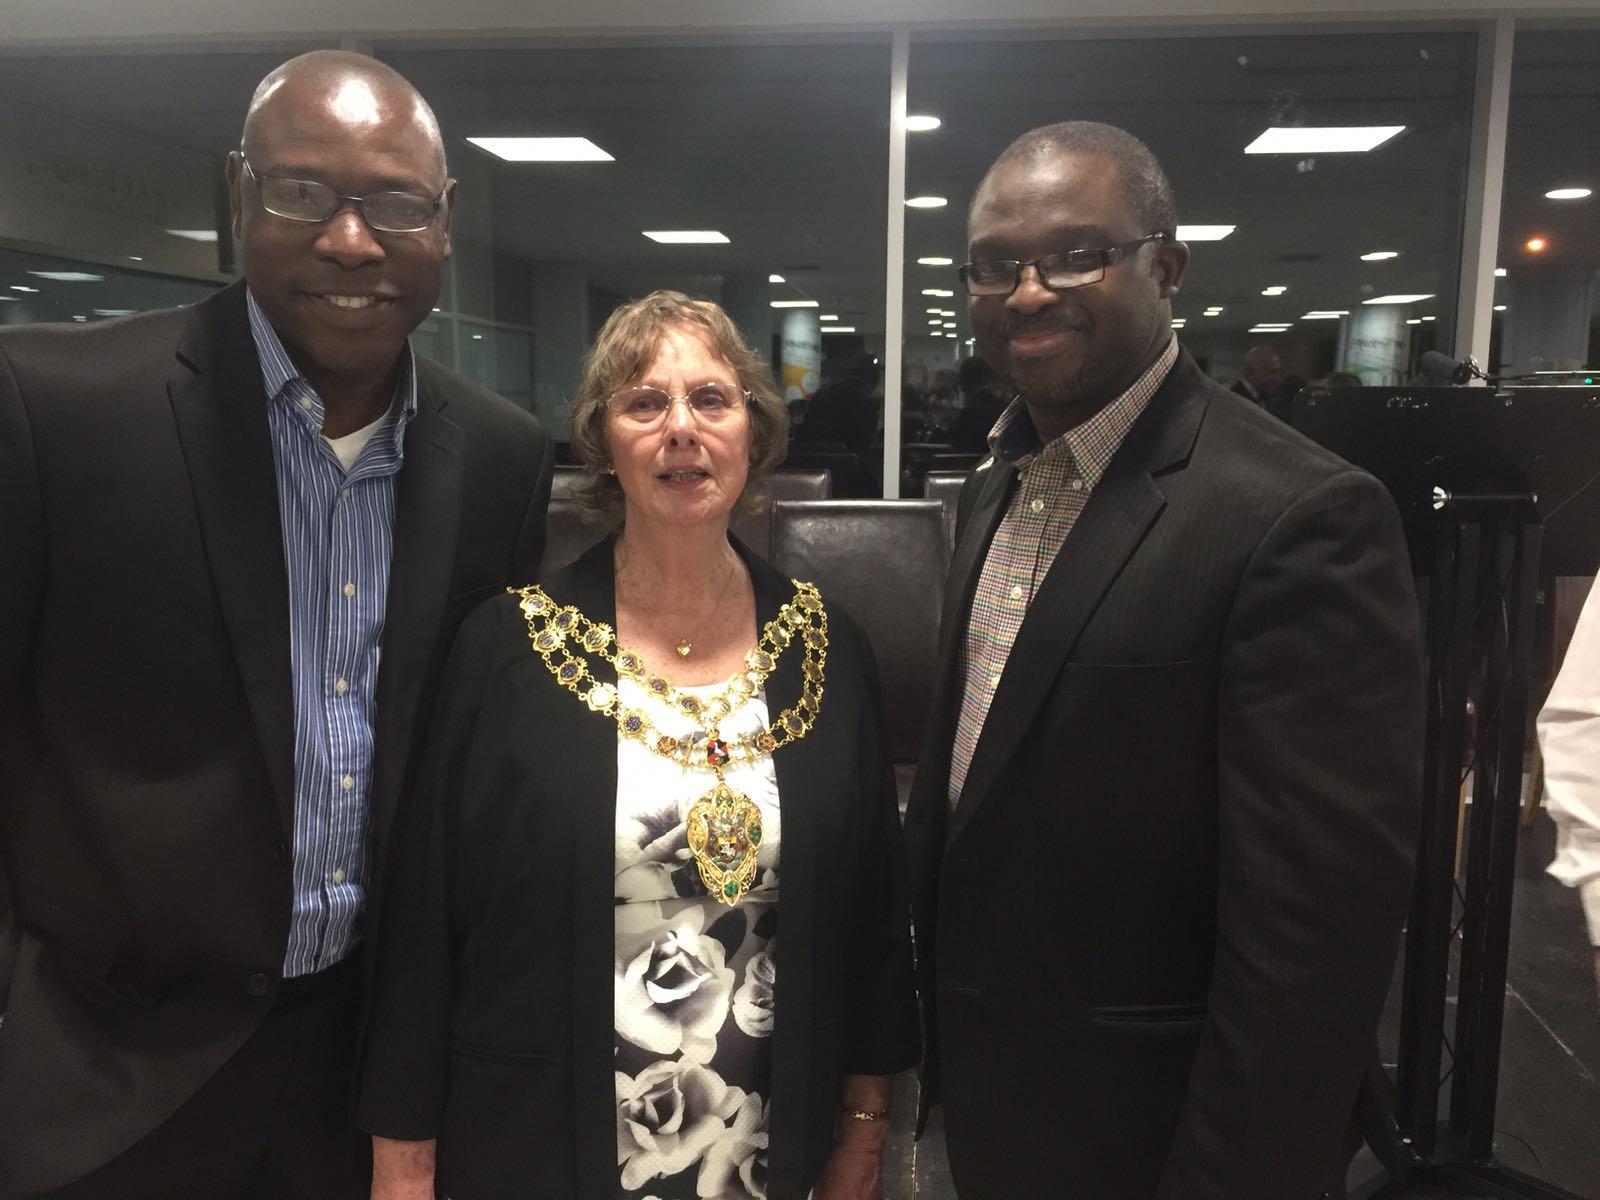 With the new mayor of Aylesbury